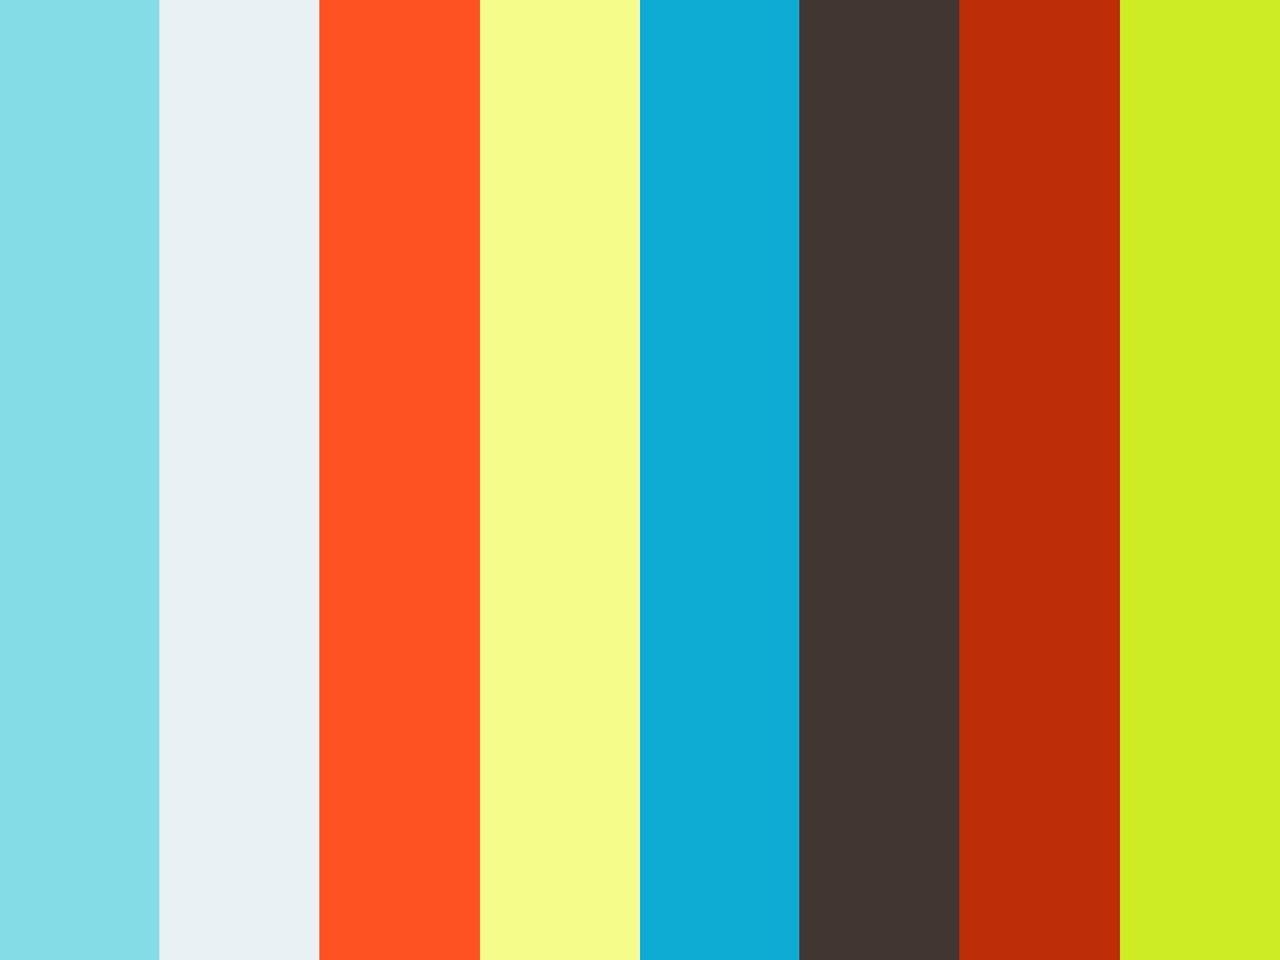 Colored Haze - VJ Loop Pack (5in1)